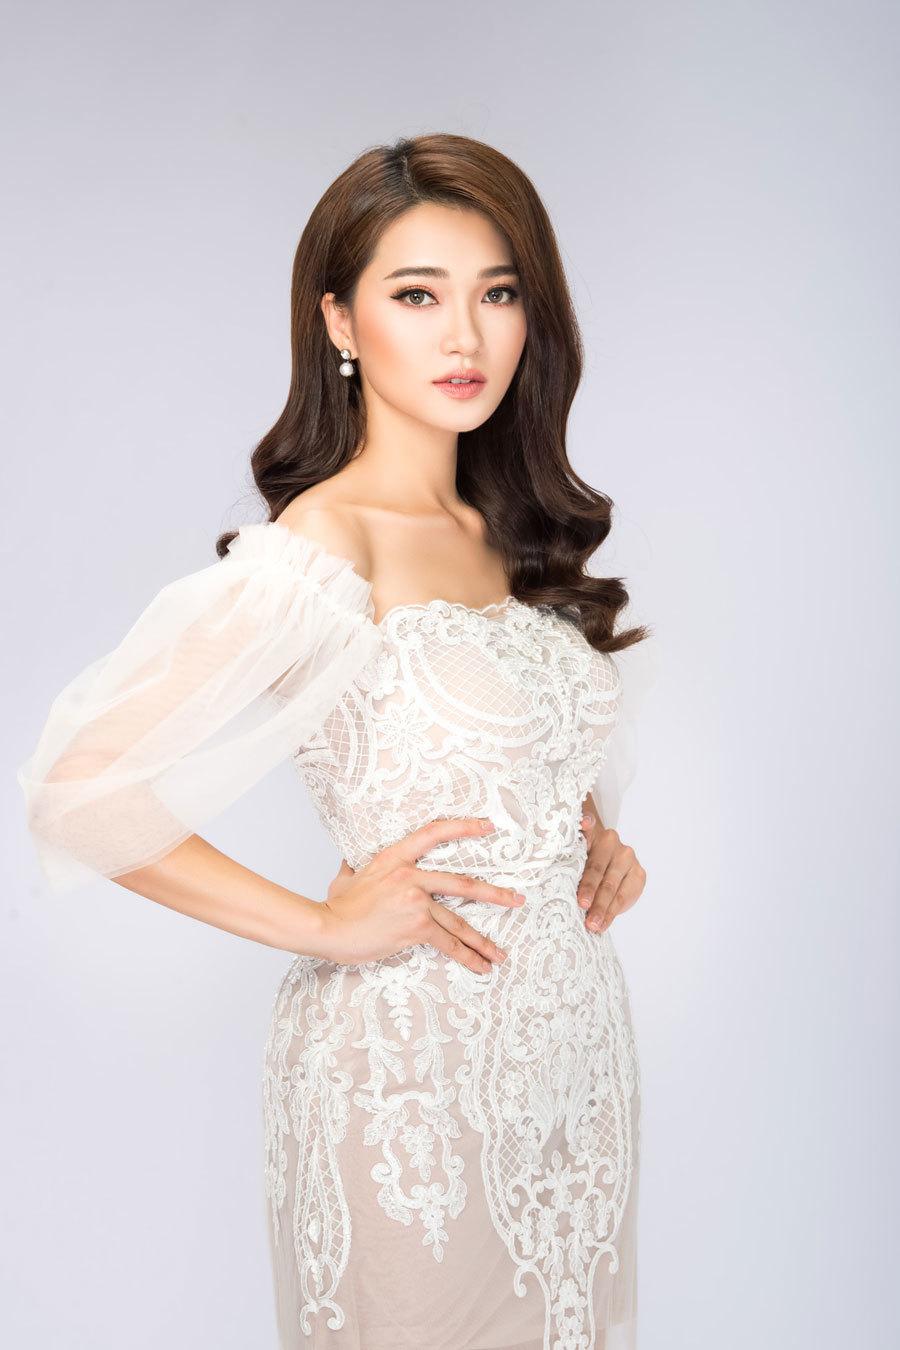 Người đẹp Ngọc Nữ bất ngờ dừng thi Hoa hậu Việt Nam